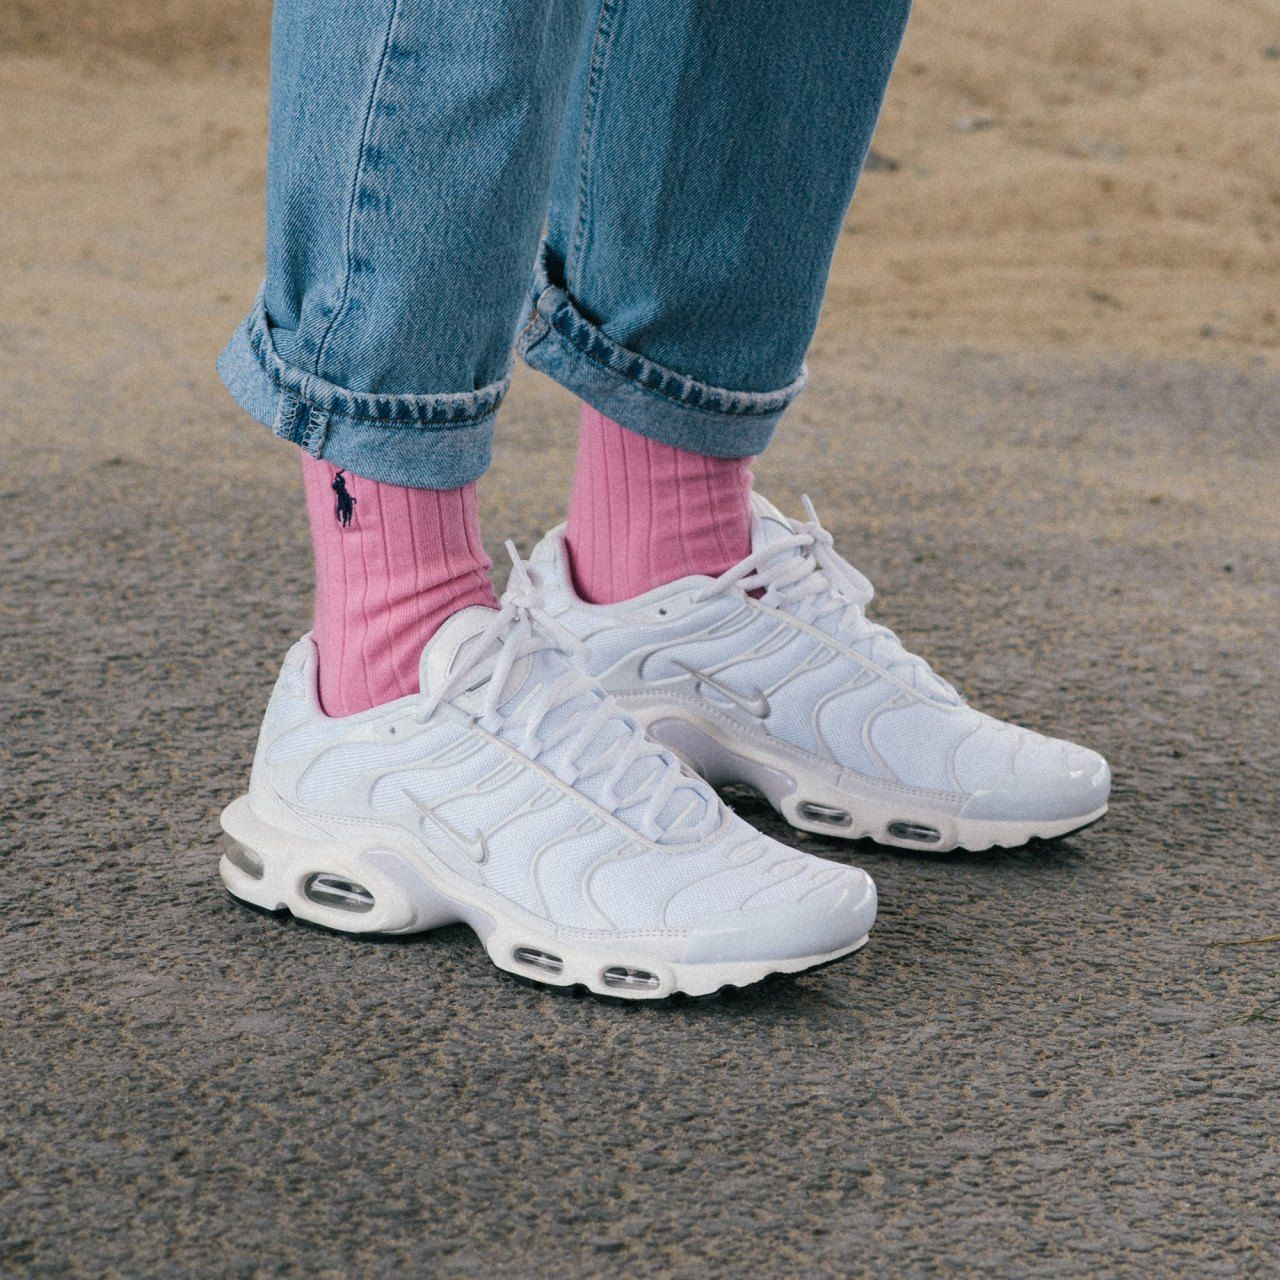 finest selection d7555 3b0d7 ... Nike · Zapatillas Para Correr · Zapatos De Señoras · Alrededor De Los  Años 2000  En los últimos siete años, Nike se ha dedicado al avance  innovador ...